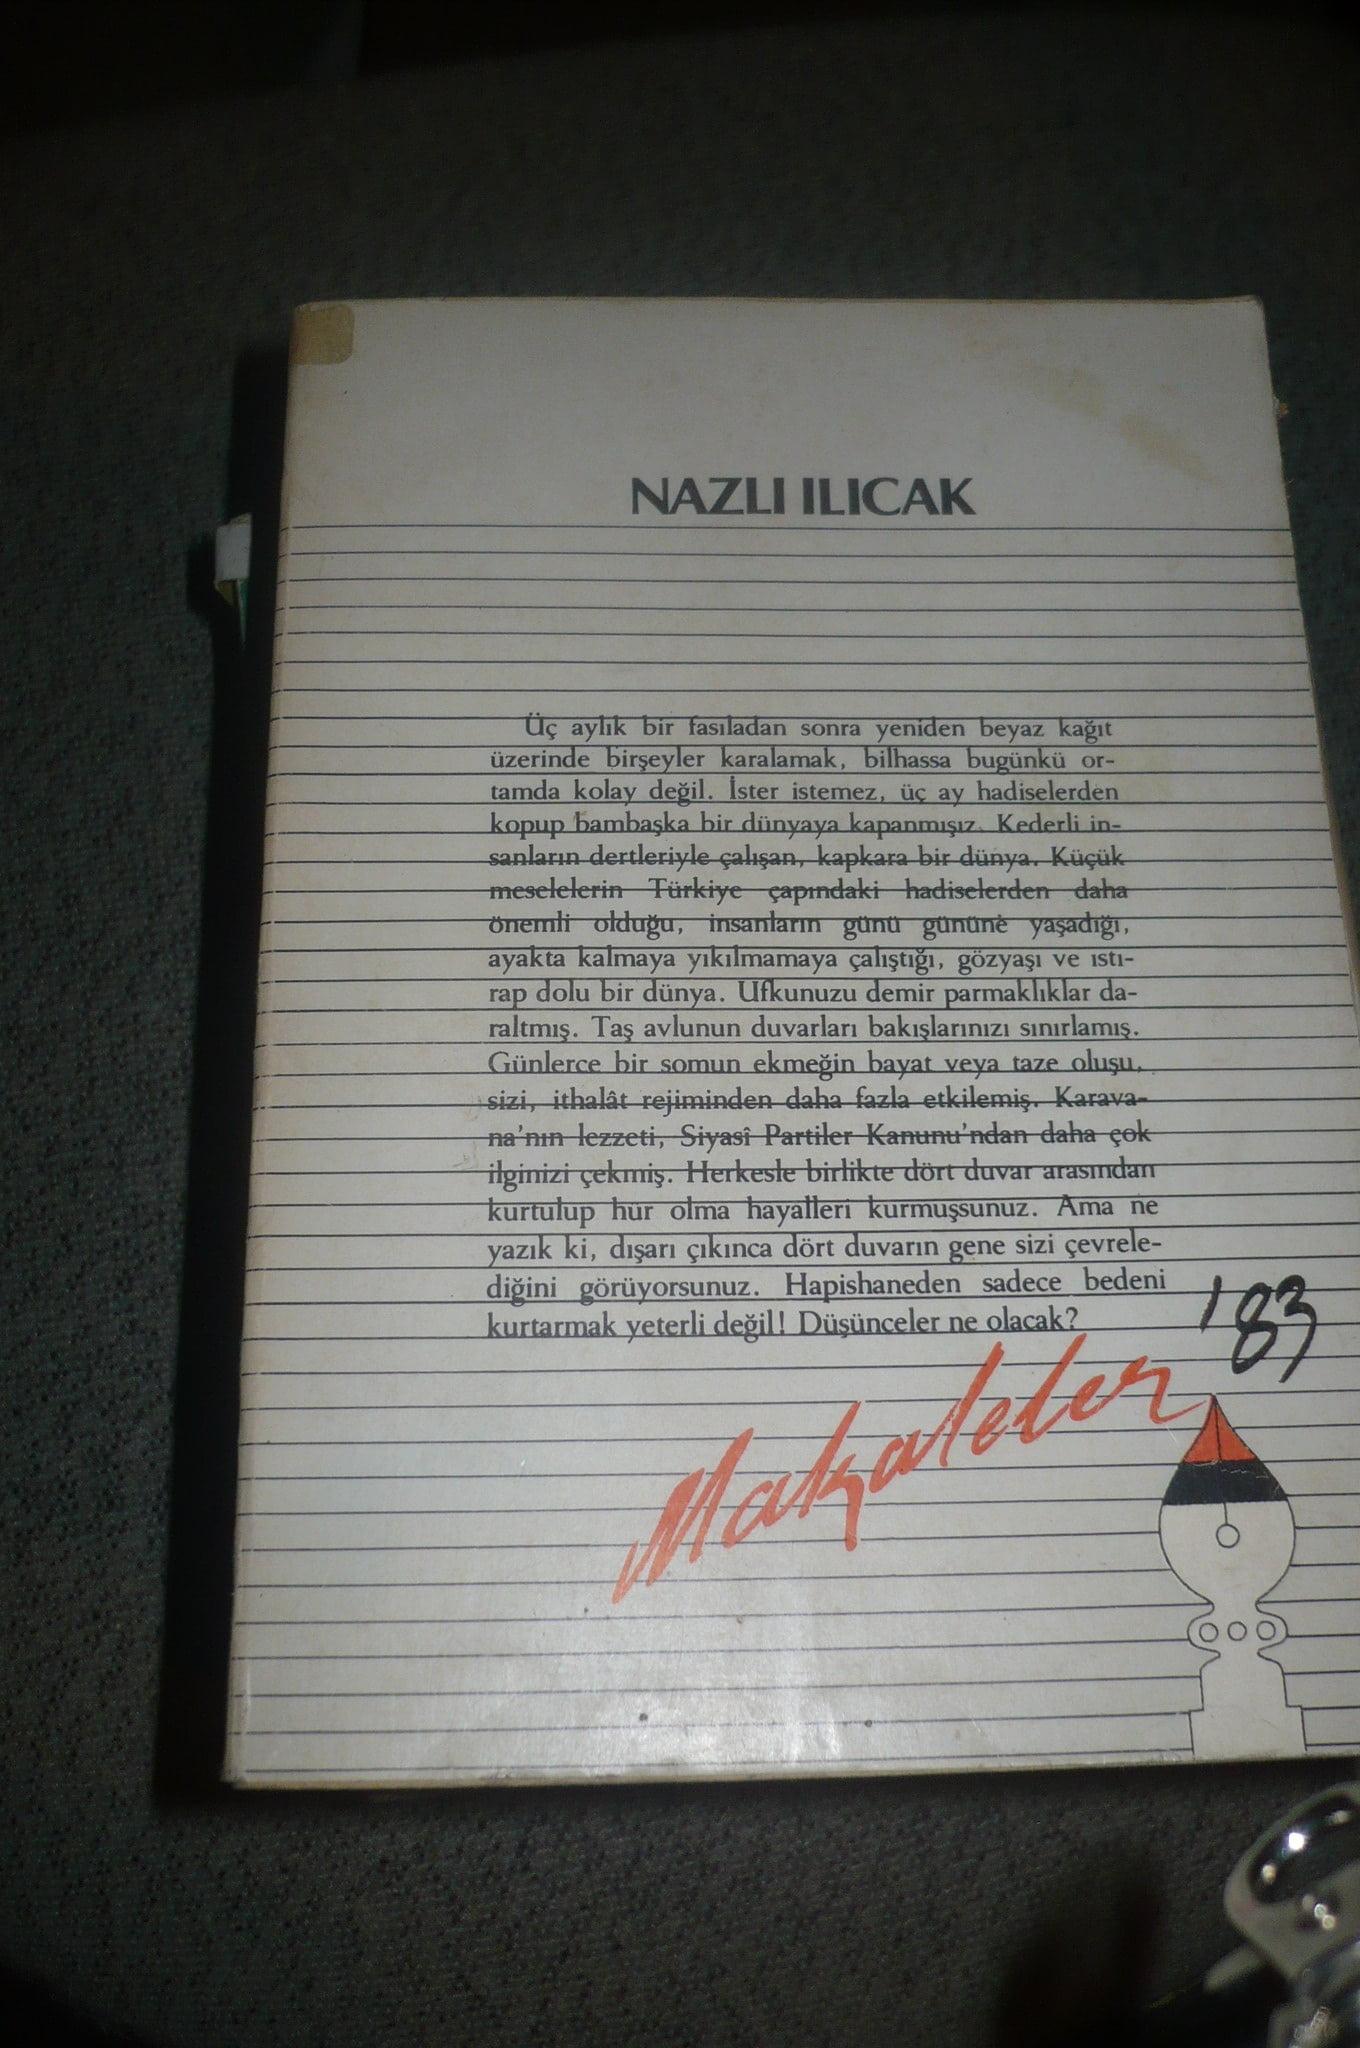 MAKALELER 1983/Nazlı ılıcak/15 tl